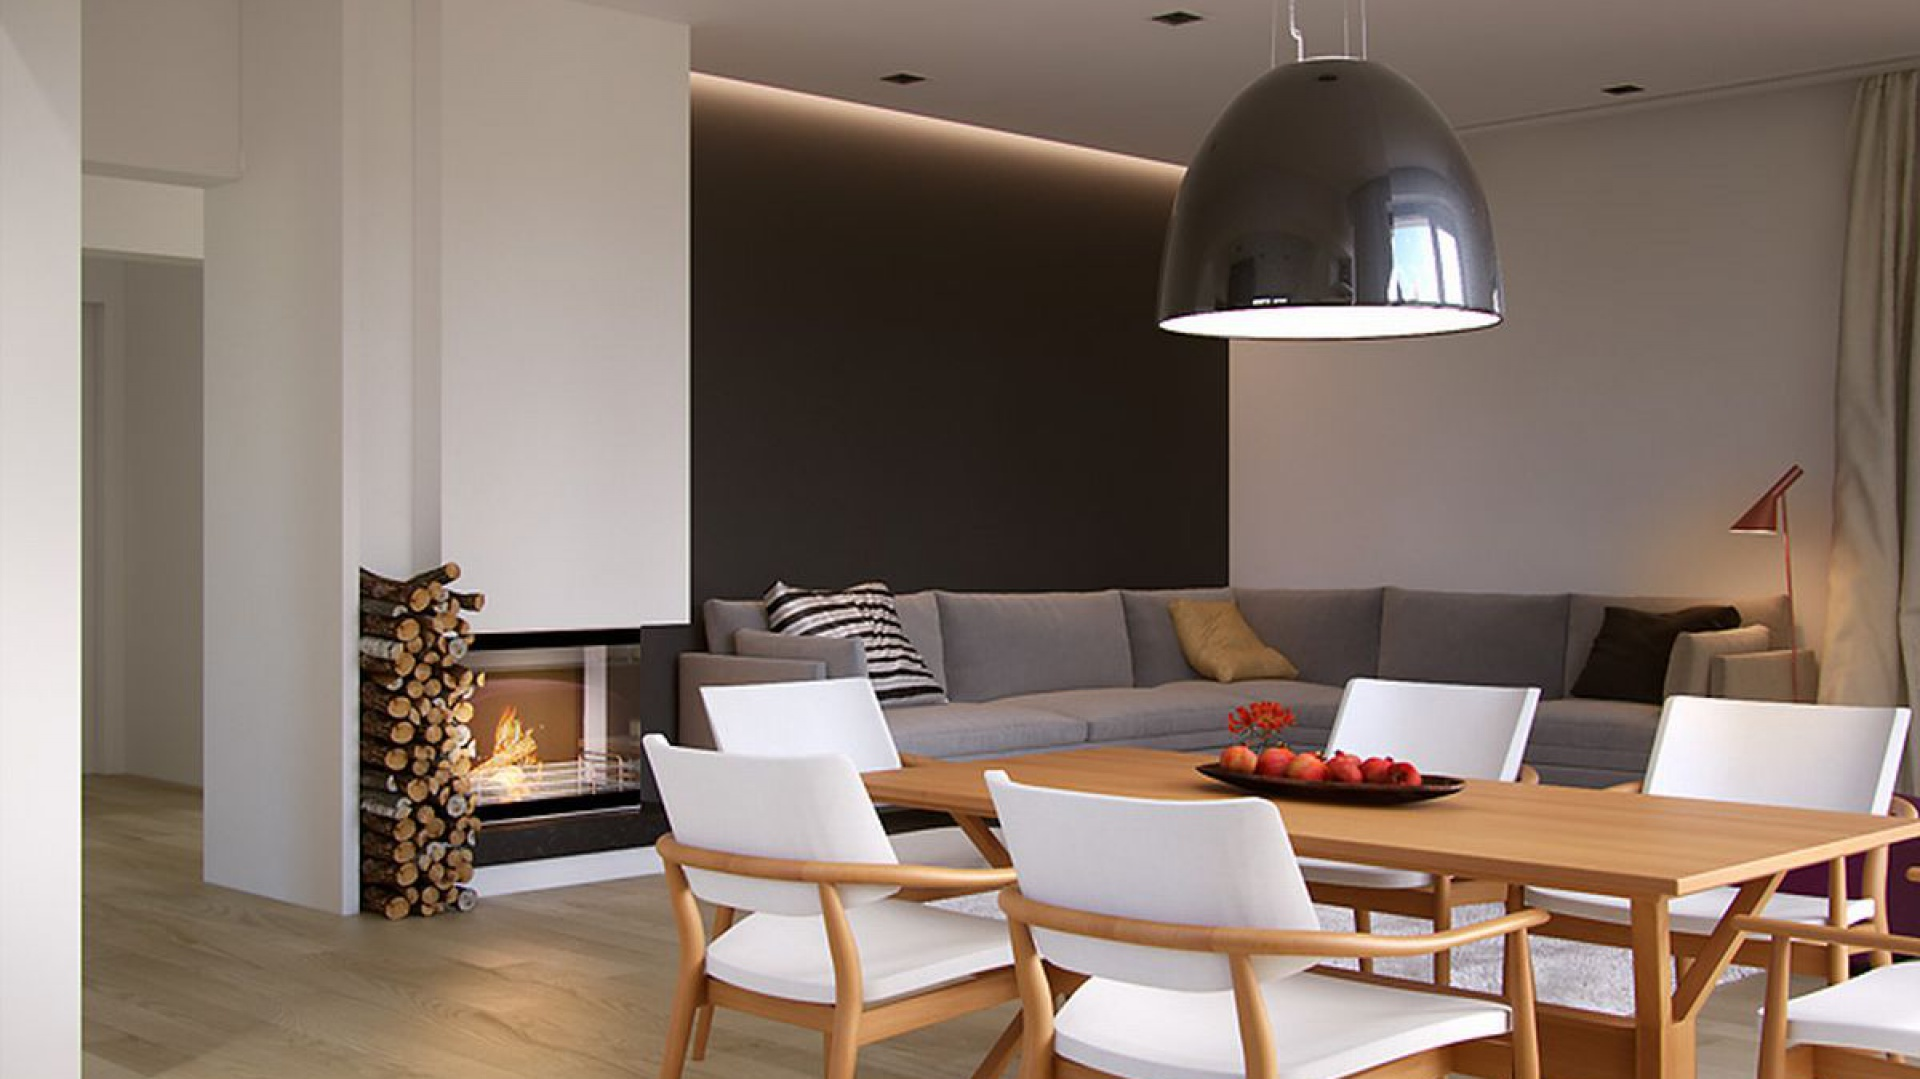 Kominek z czarną obudową doskonale wpisuje się w charakter wnętrza. Ulokowano go na ścianie łączącej salon z korytarzem, dzięki czemu jest widoczny z każdego punktu salonu i jadalni. Fot. MTM Styl